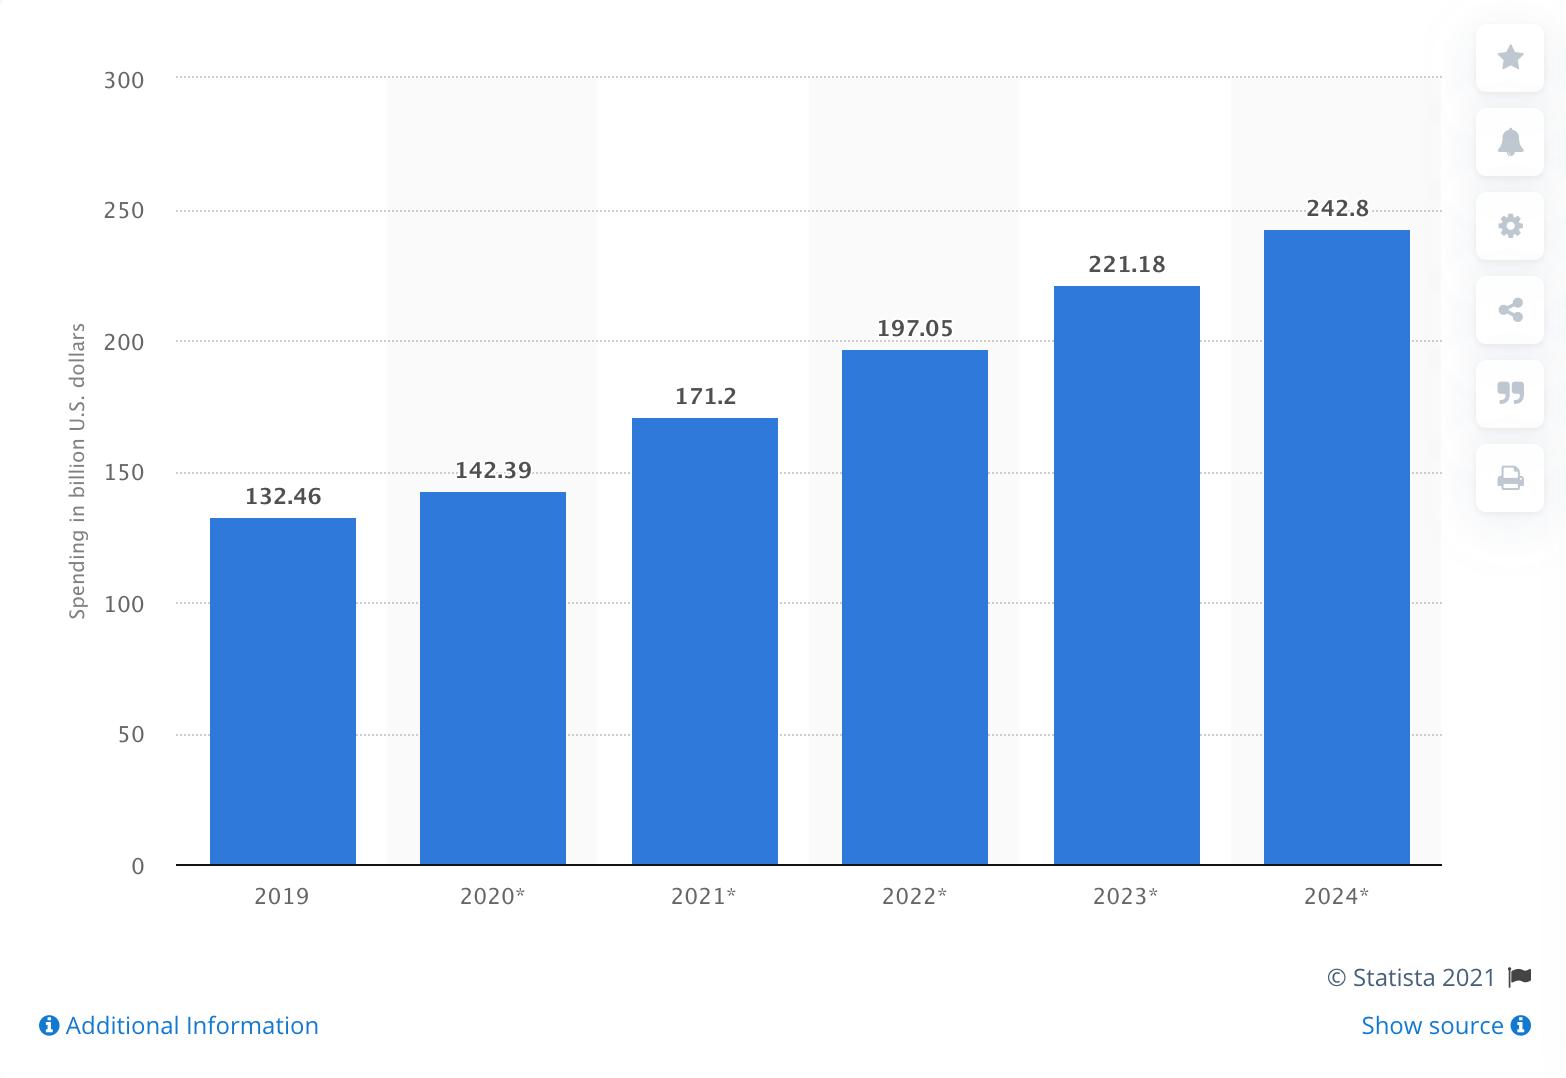 Gasto en publicidad digital en los Estados Unidos de 2019 a 2024 (en miles de millones de dólares estadounidenses)